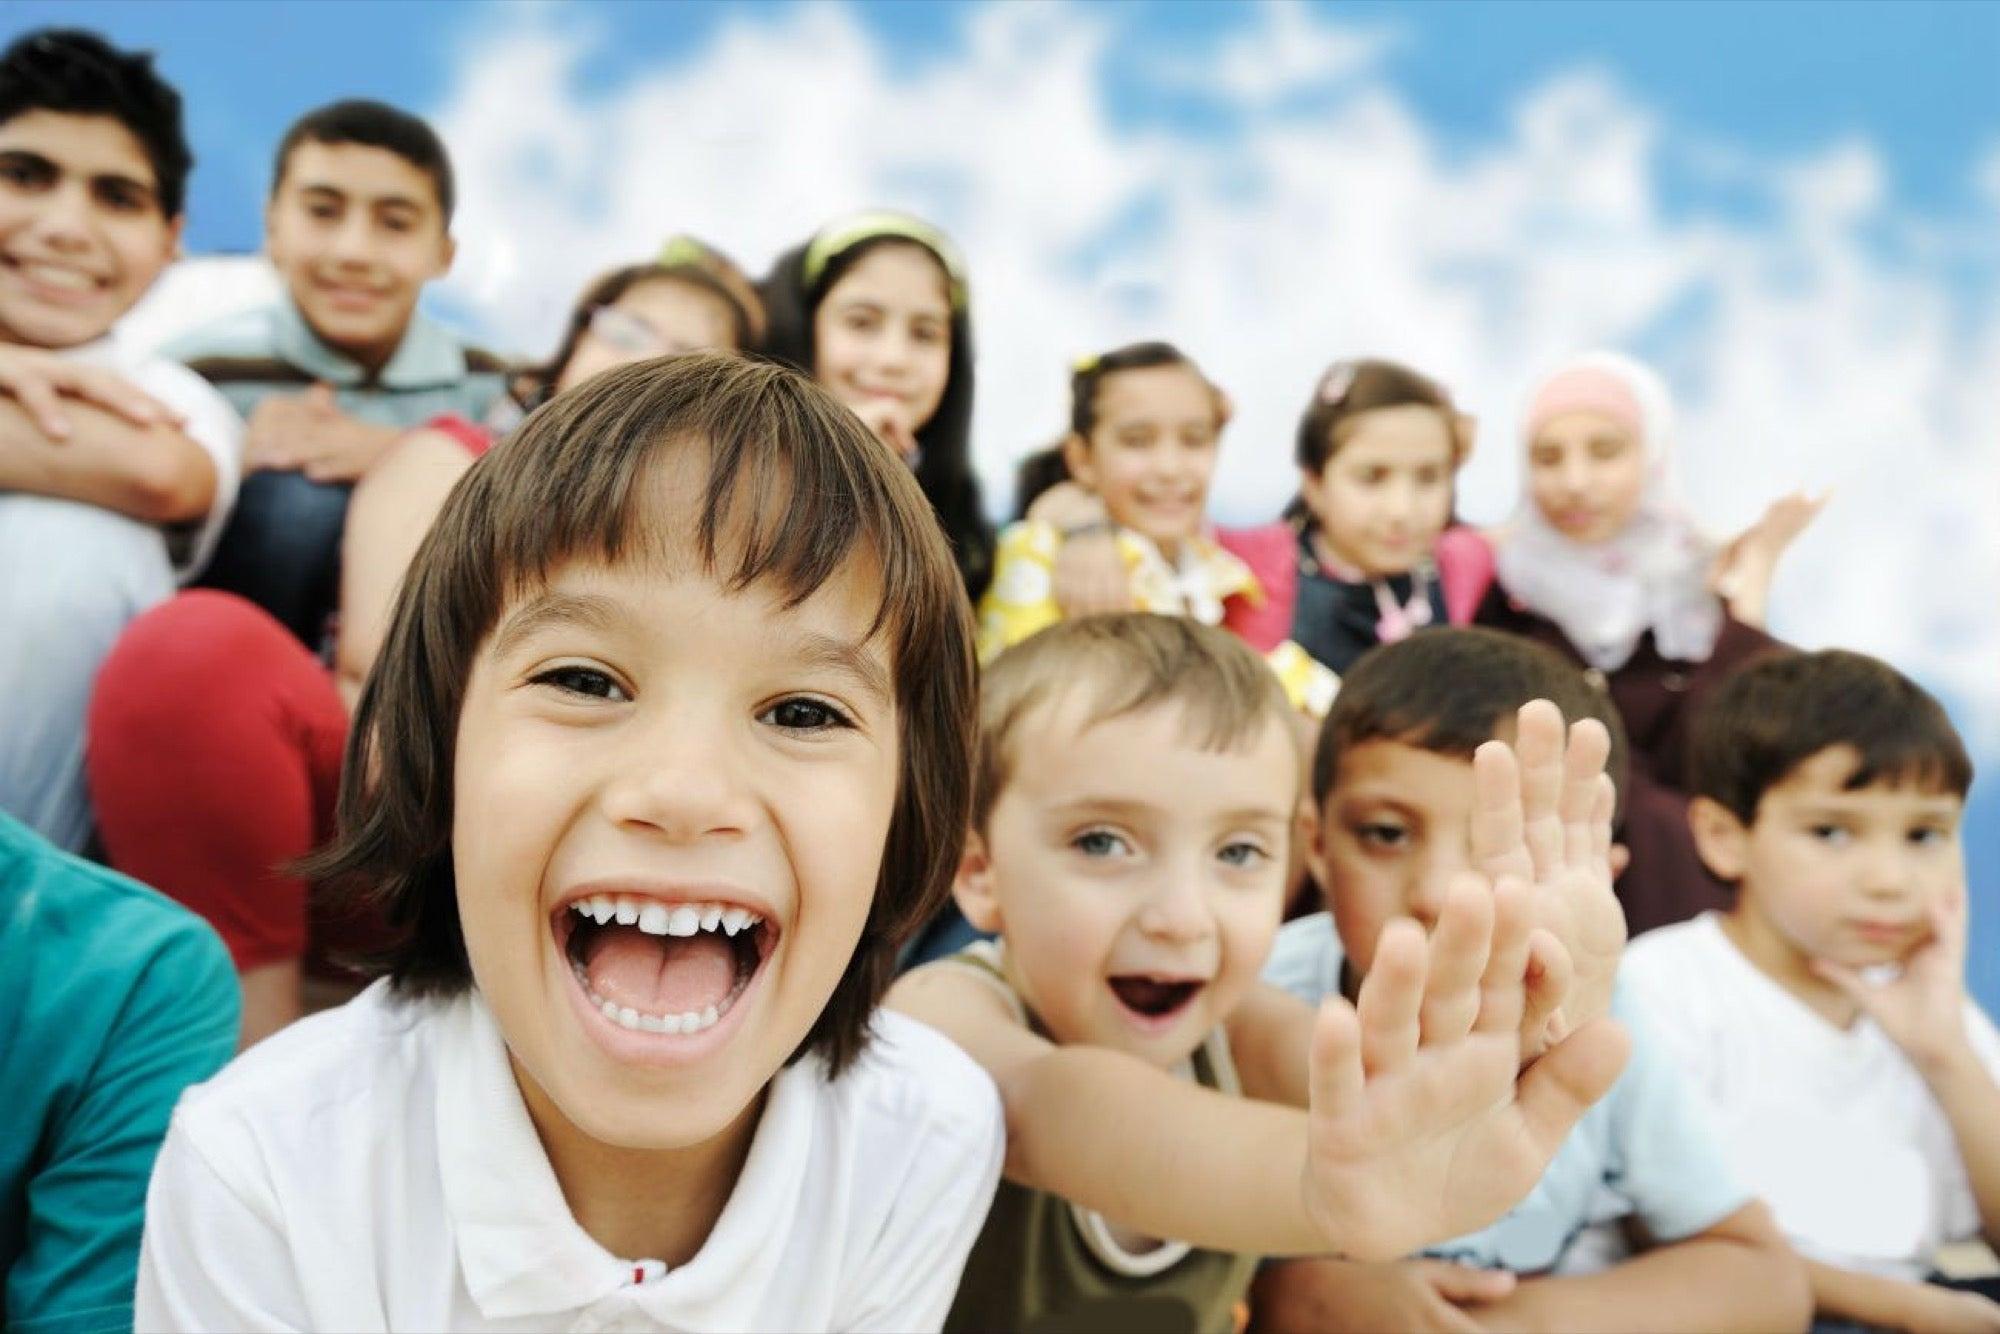 Para La Del Se Tiendas Así Llegada Día Niño Las Preparan T1JlcKF